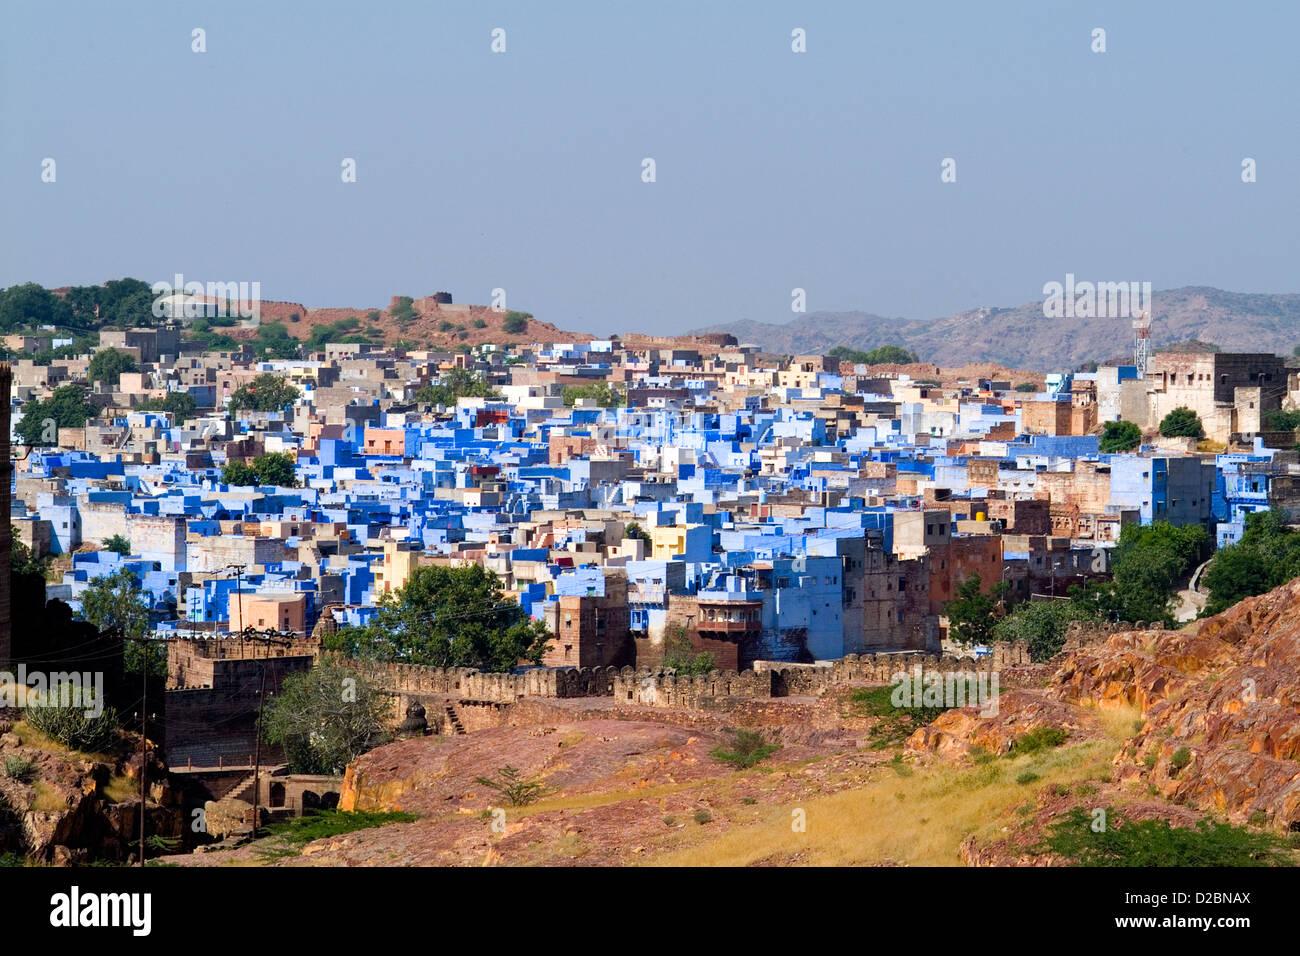 La ville bleue de Jodhpur, montrant tous les bâtiments bleus prises depuis le Fort de Mehrangarh au Rajasthan Inde Banque D'Images